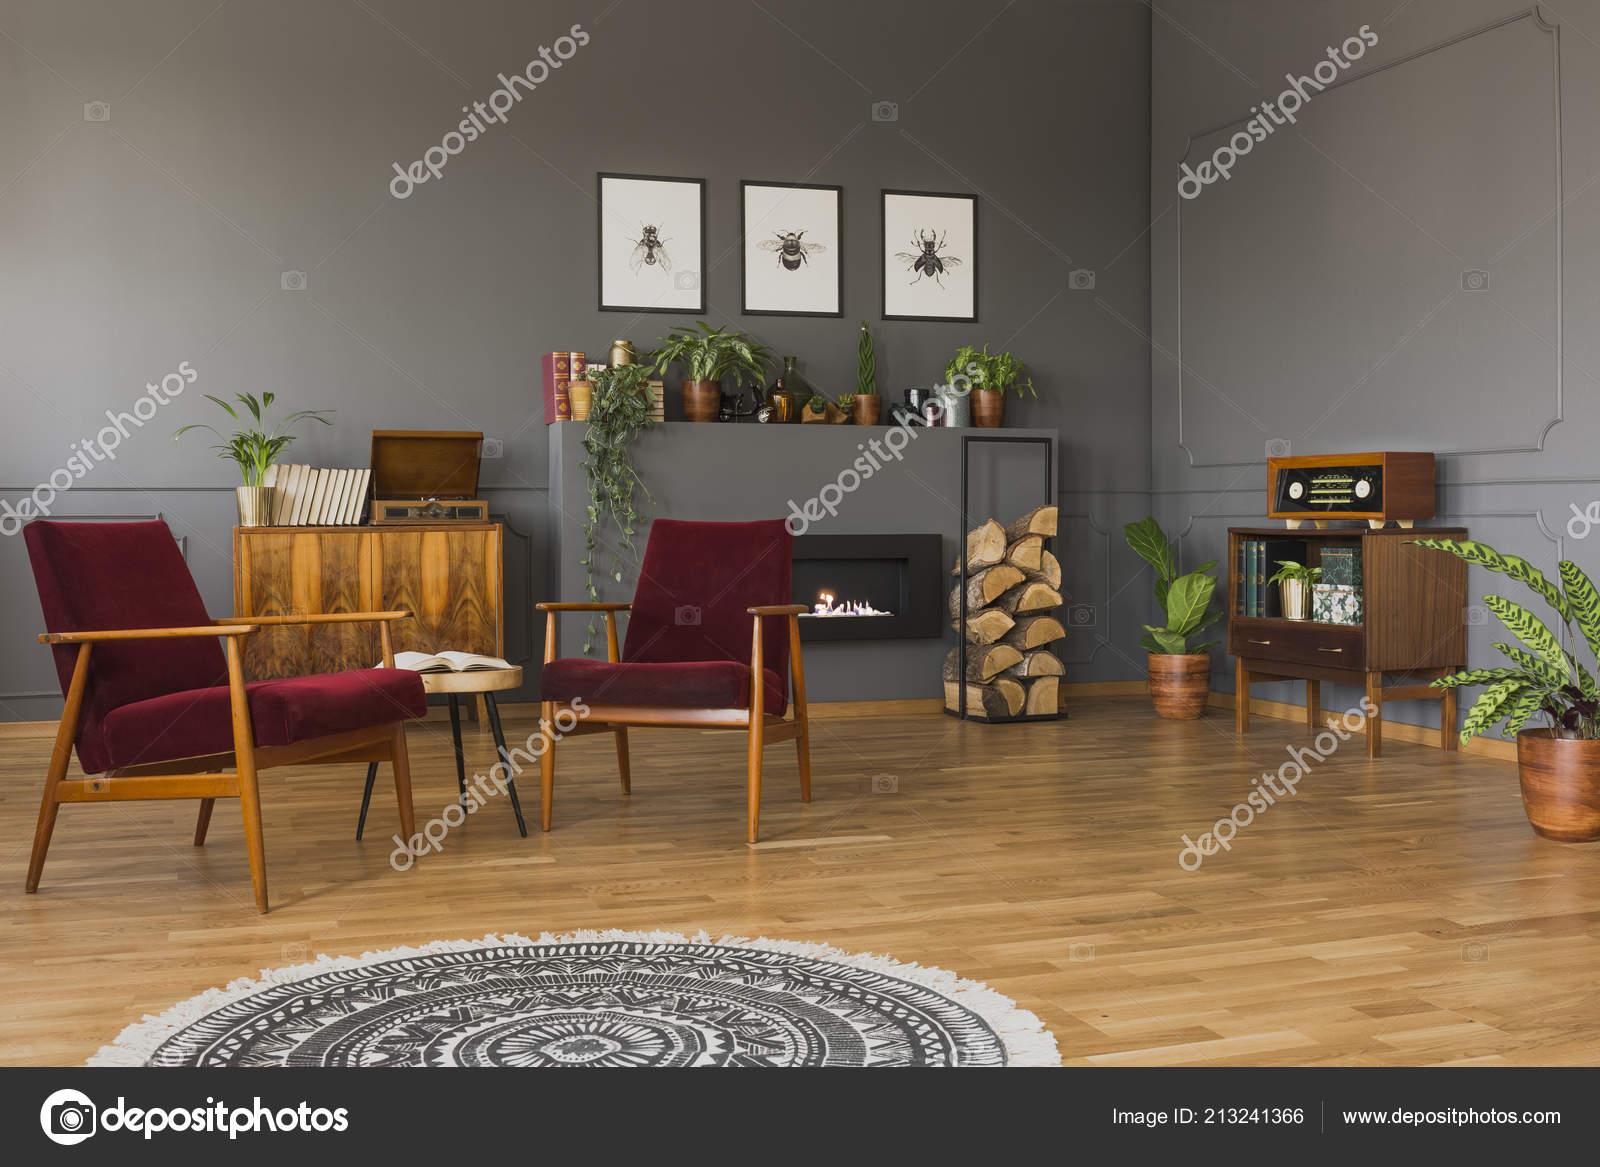 Runder Teppich Vor Roten Sesseln Grau Retro Wohnzimmer Interieur Mit ...